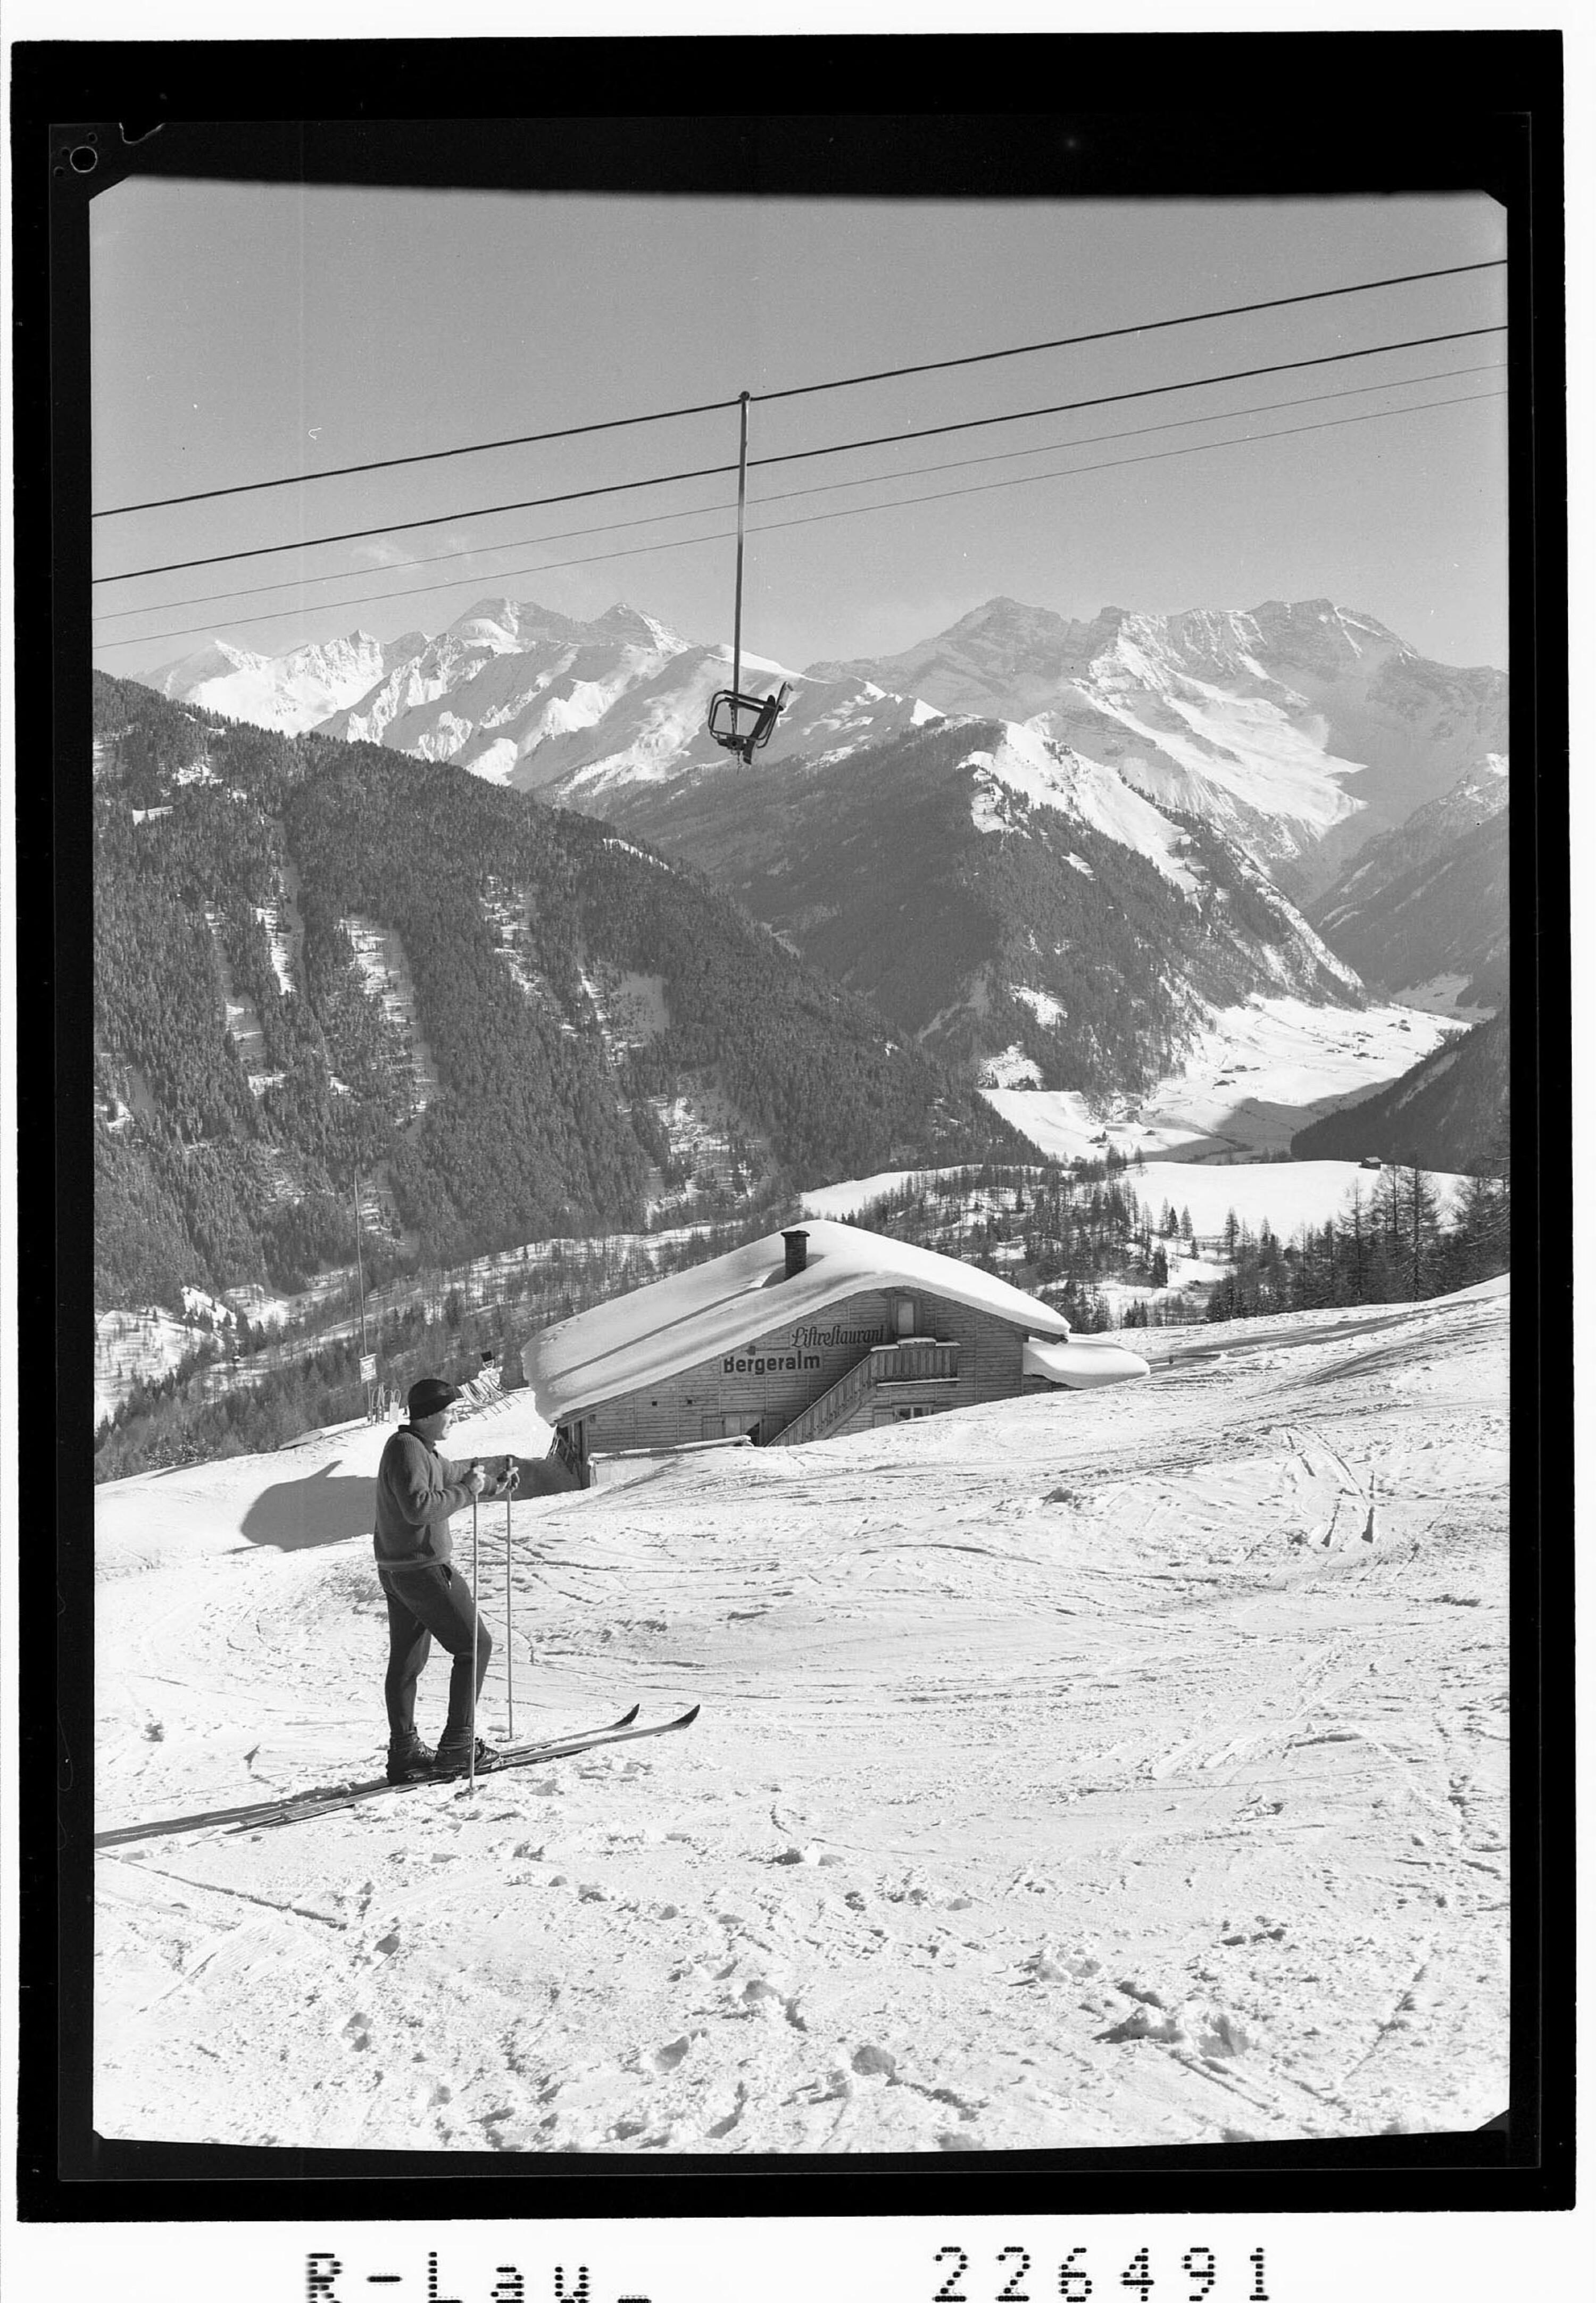 Steinach am Brenner / Bergeralm 1600 m gegen Olperer und Fußstein von Wilhelm Stempfle